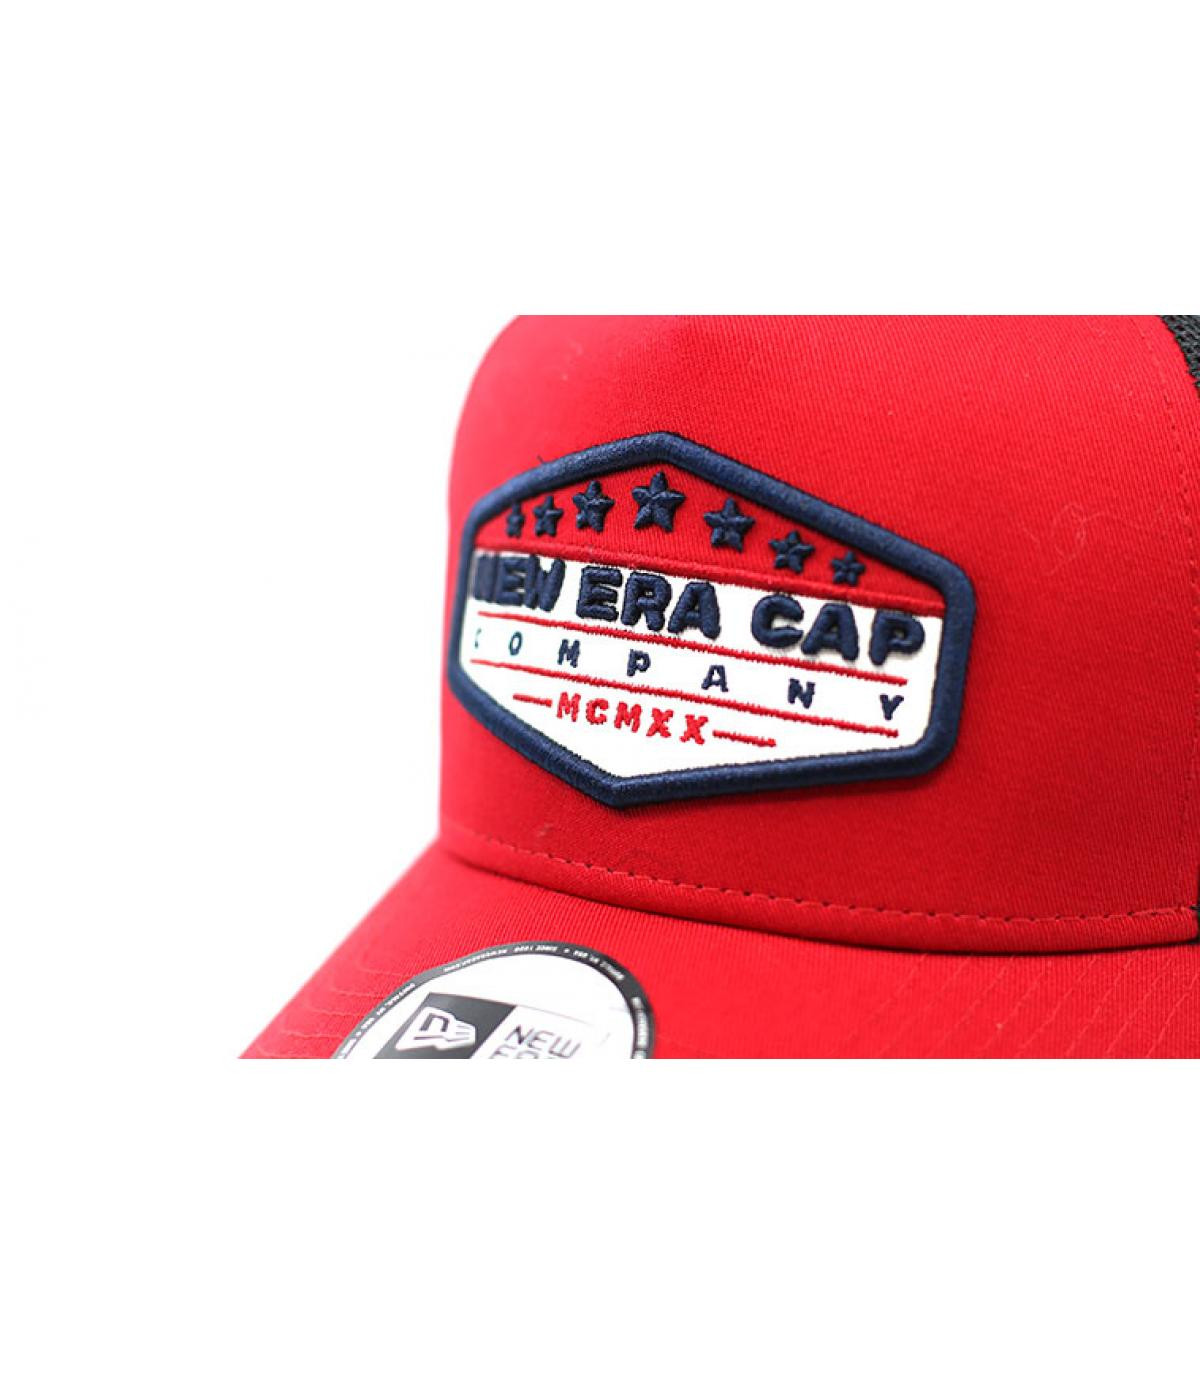 Details Trucker Patch NE red black - Abbildung 3